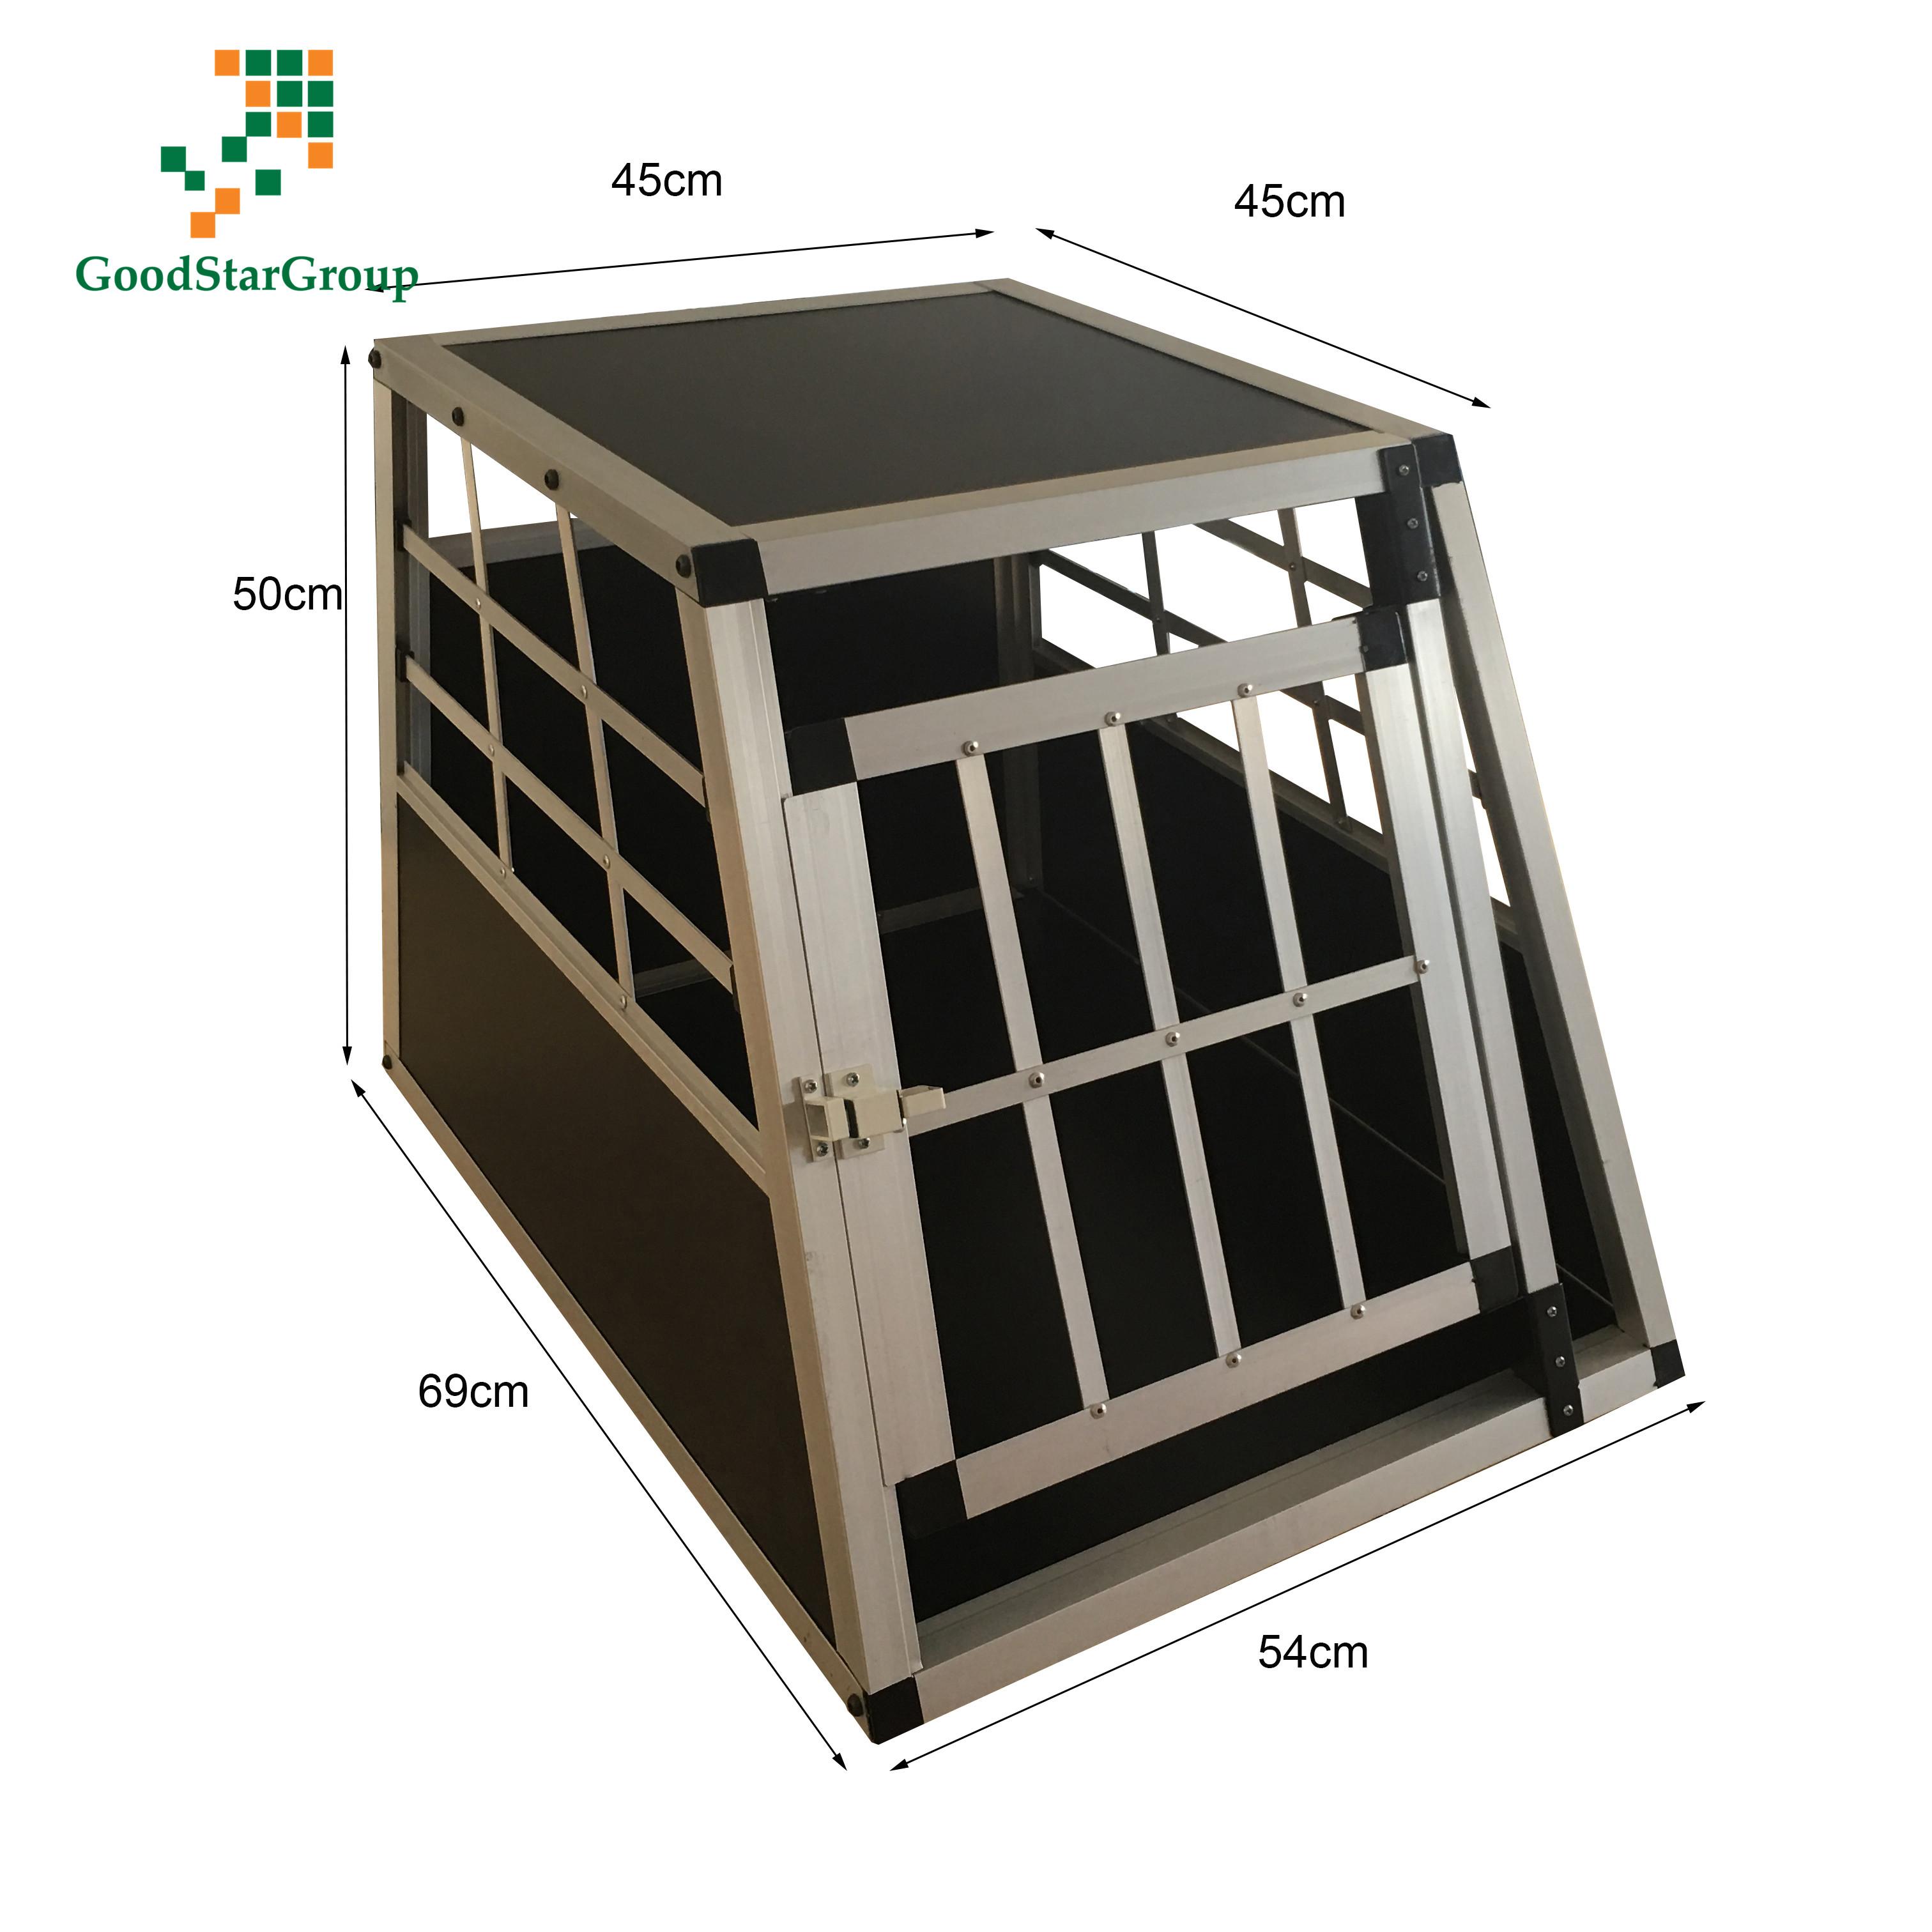 Jaulas De Transporte para Perros De Aluminio con Tabique Hermetico Extraible